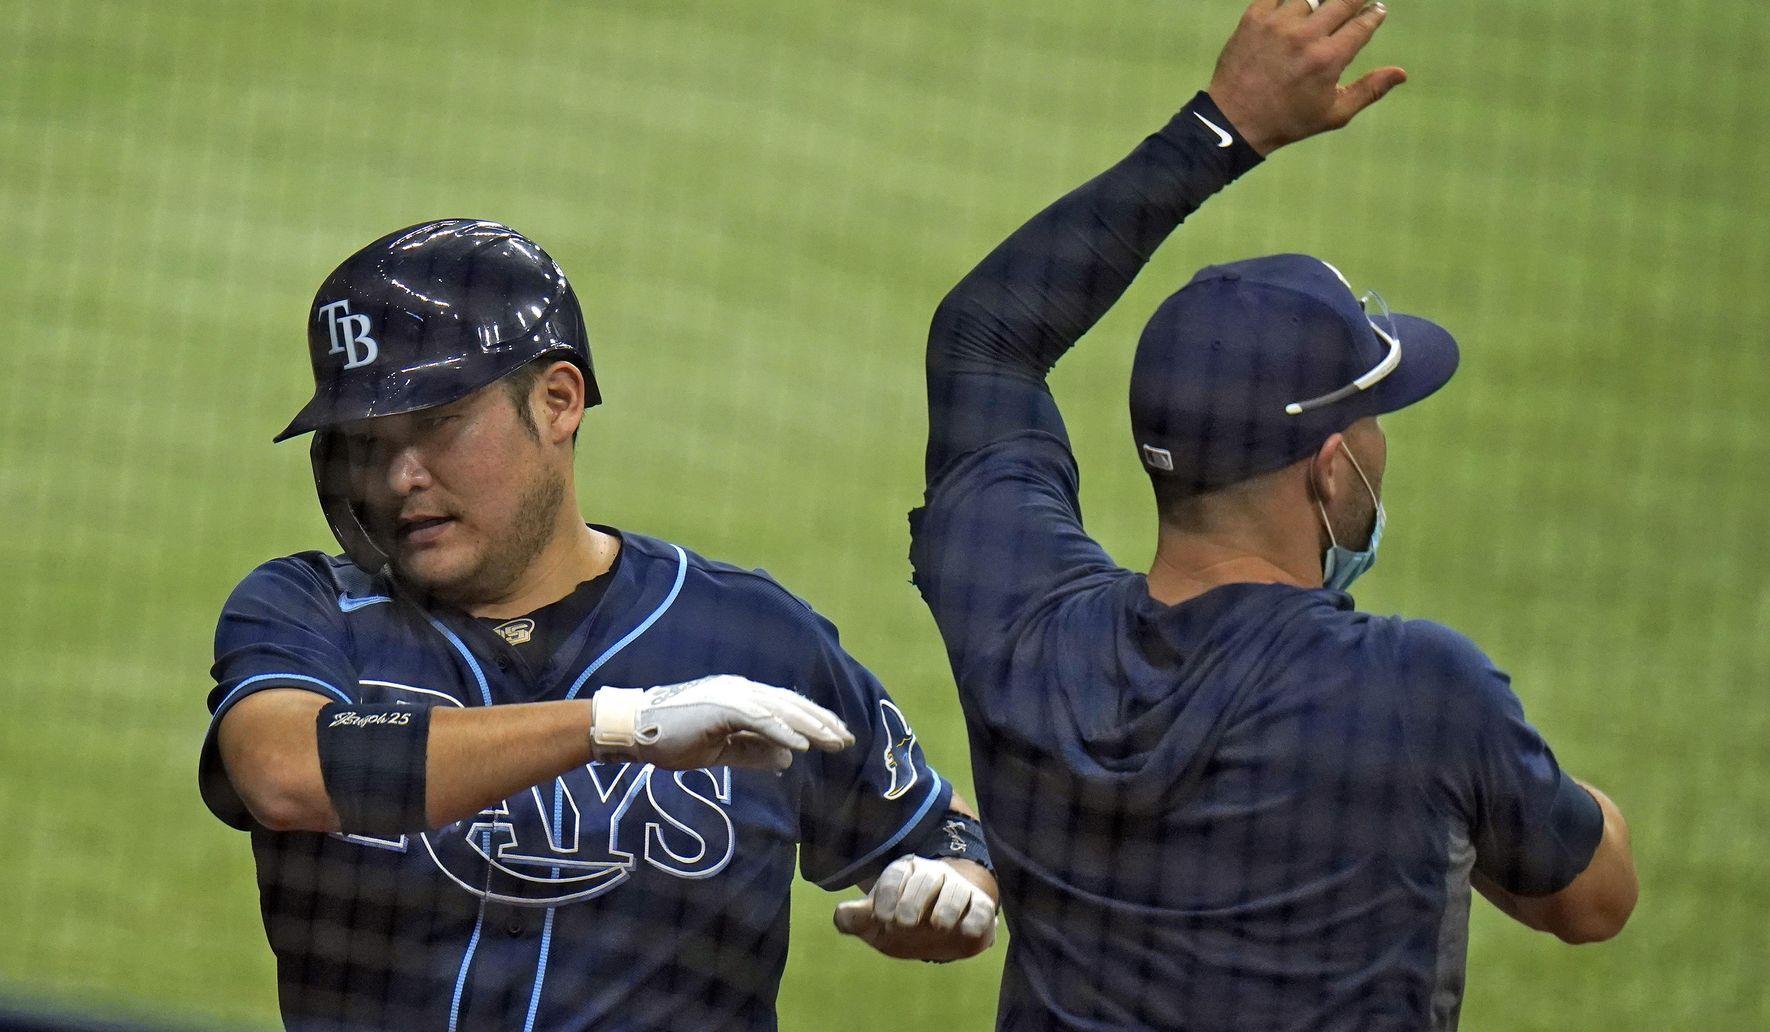 Phillies_rays_baseball_94984_c0-176-4200-2624_s1770x1032